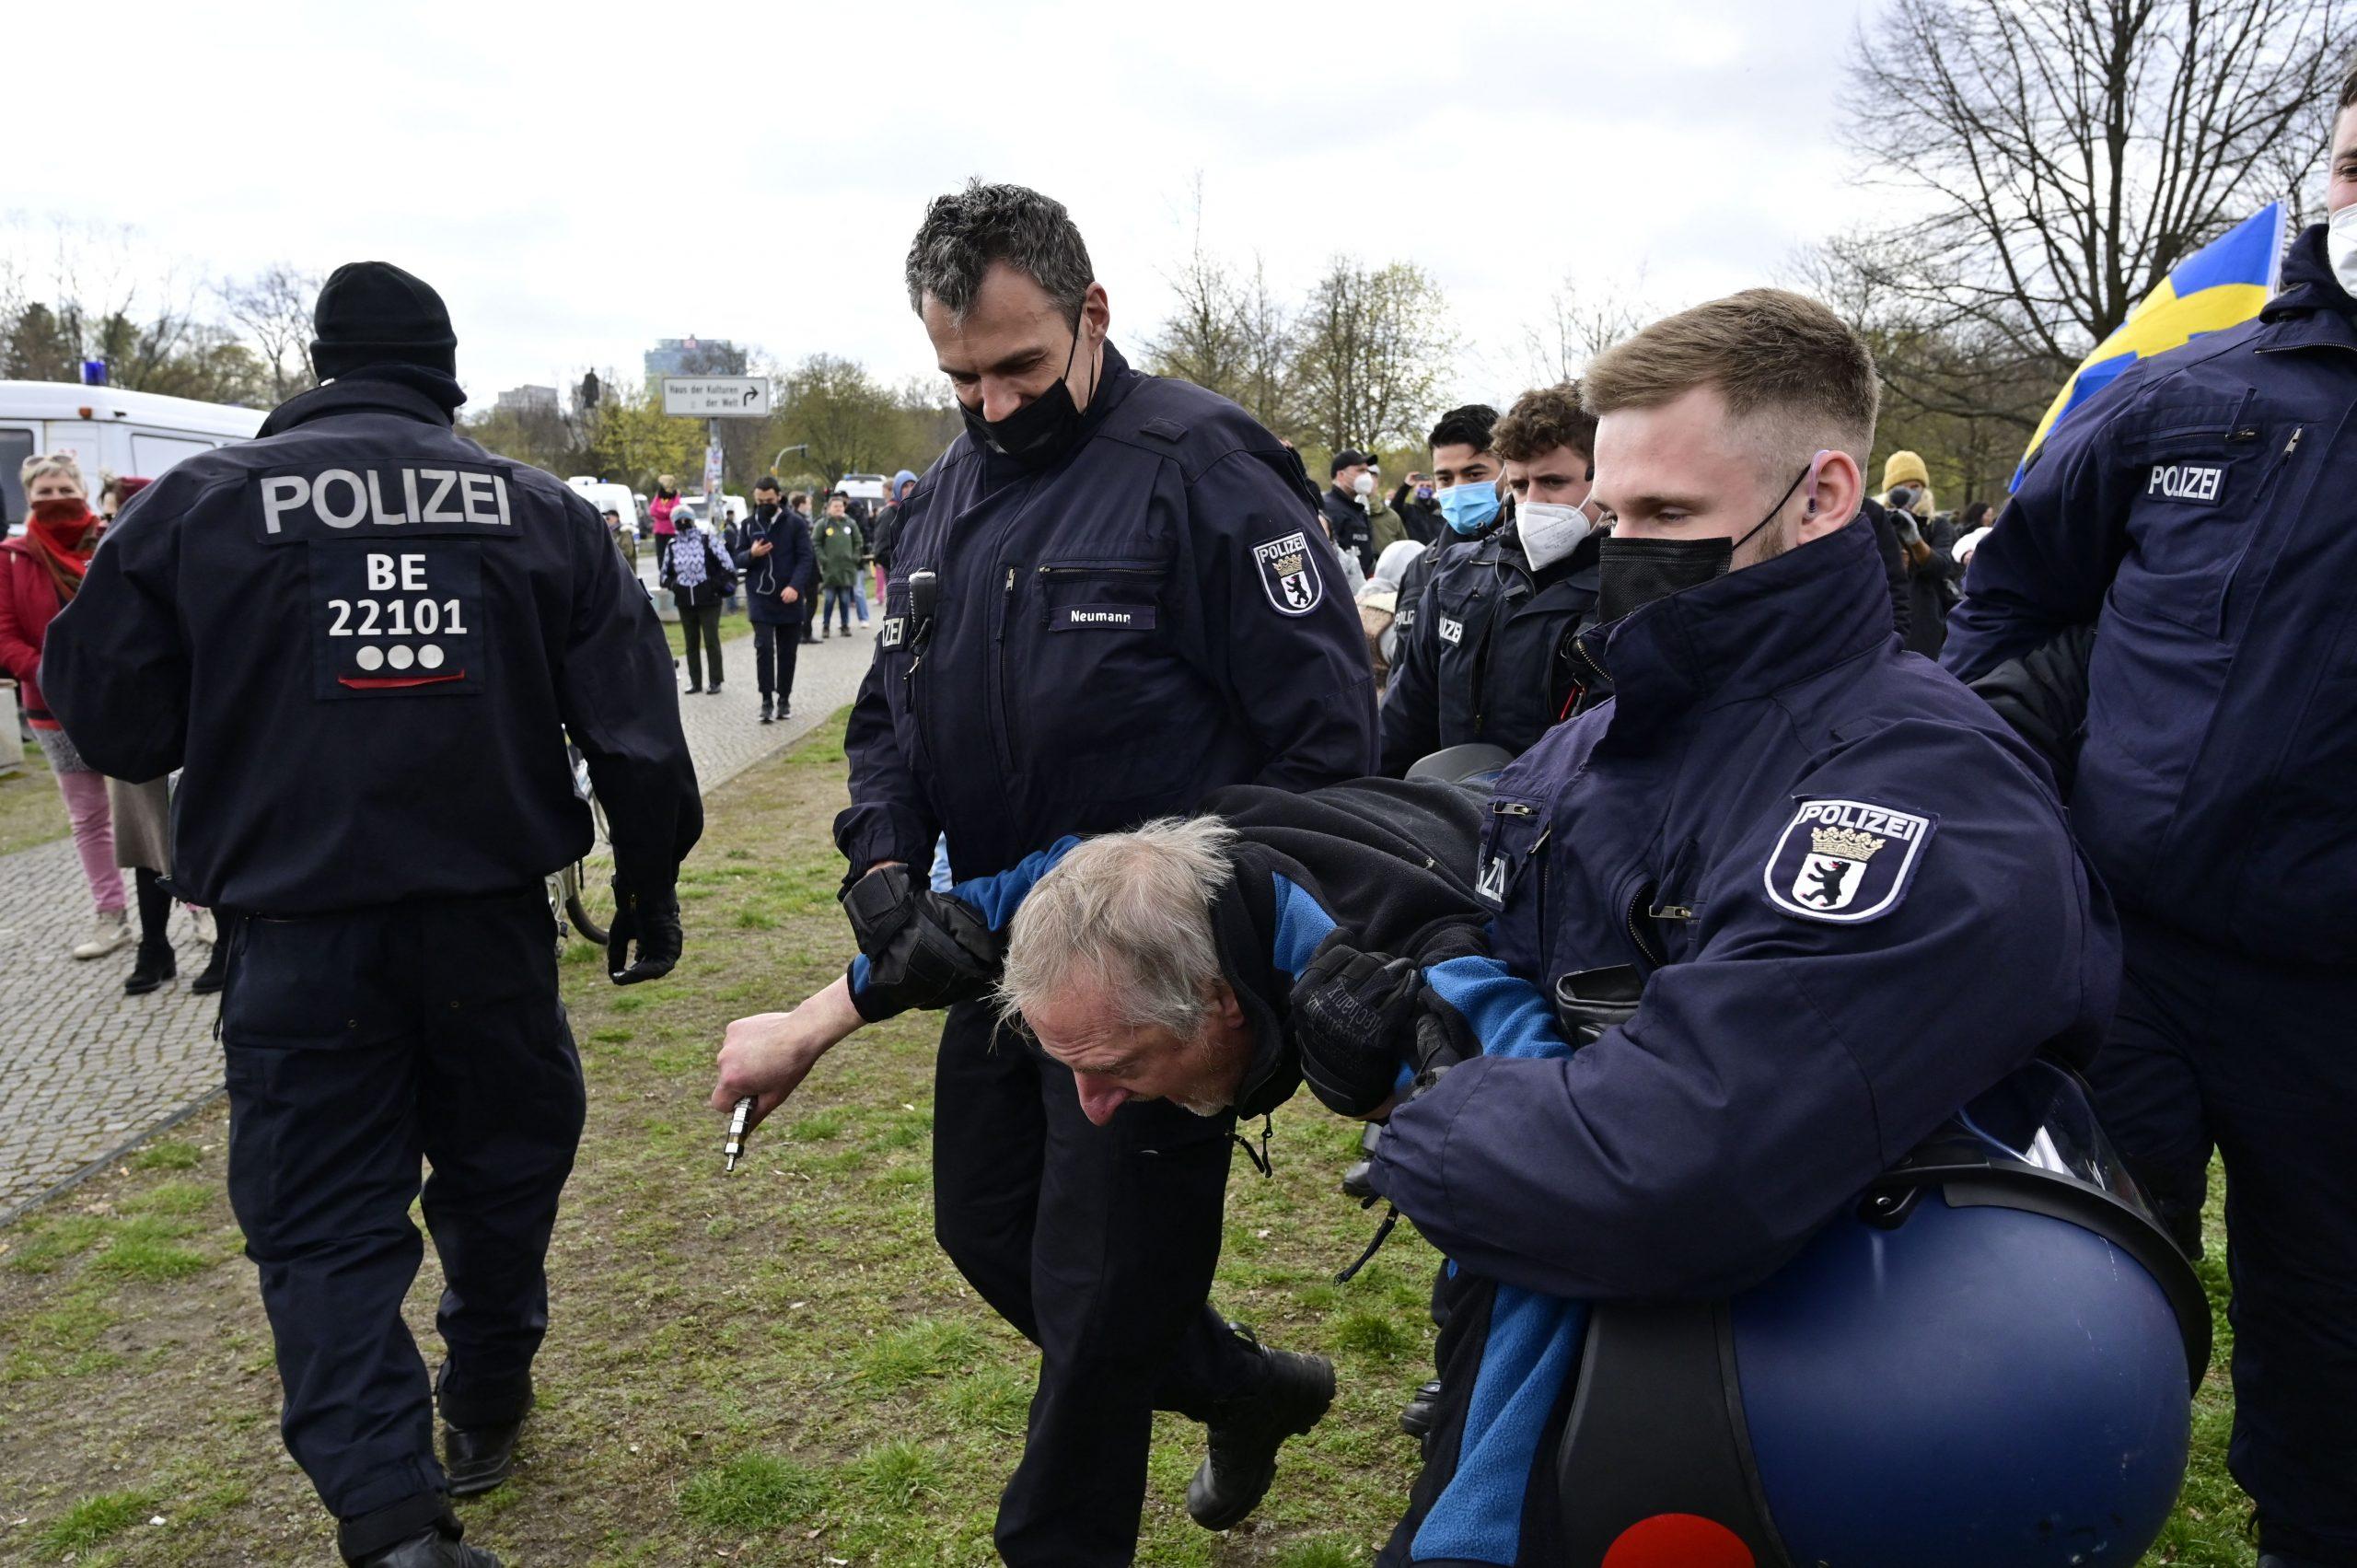 Besondere Härte bei Querdenker-Demos? Geleakter Einsatzbefehl an UN-Sonderbeauftragten geschickt